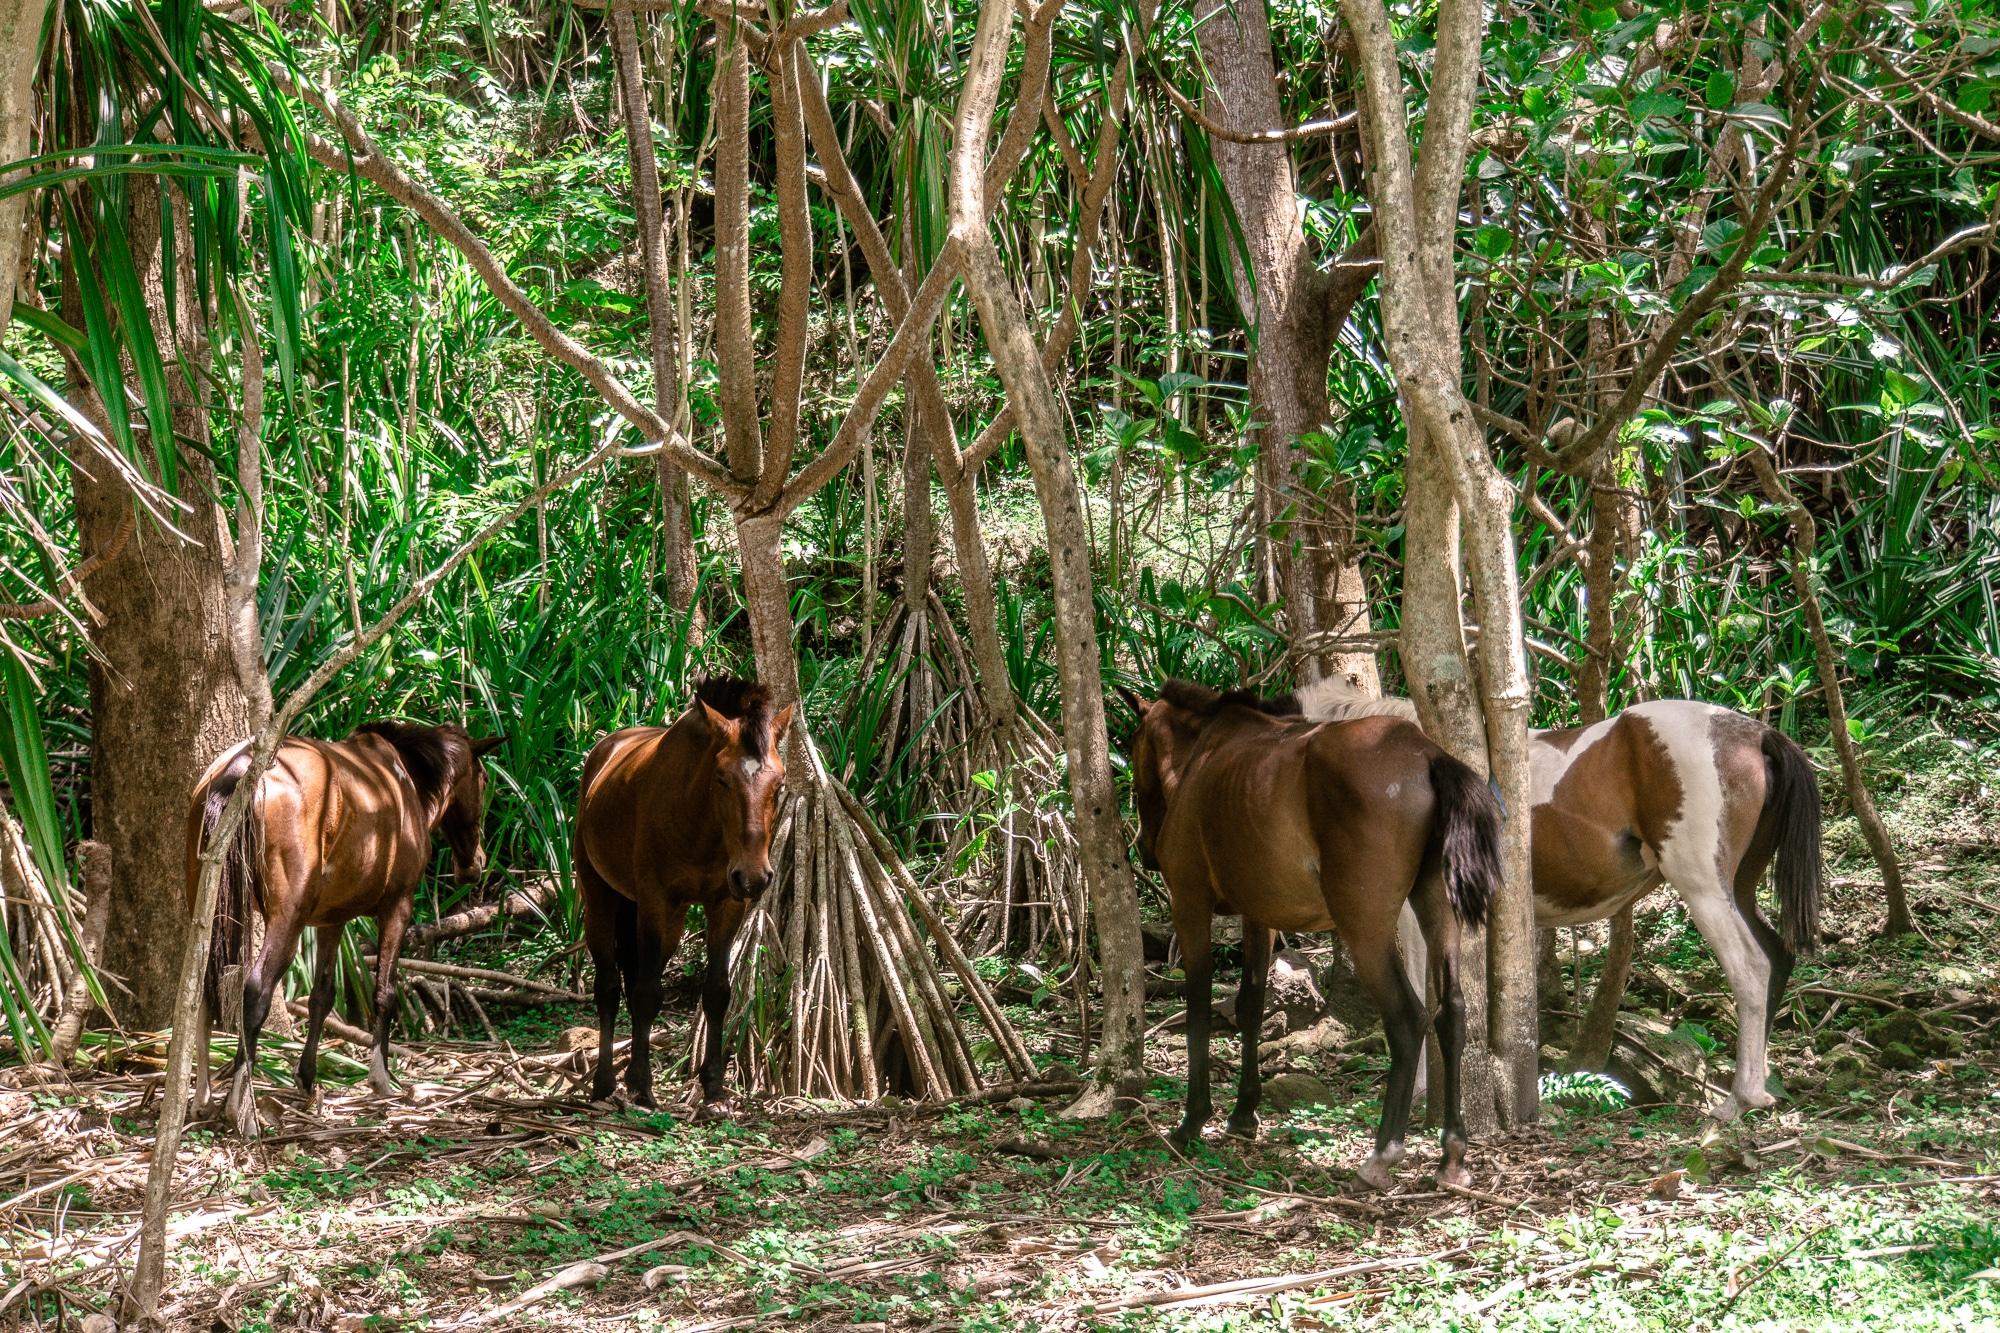 Tiere beobachten auf Big Island - schönste Tierbegegnungen auf Hawaii - Wildpferde im Waipio Valley